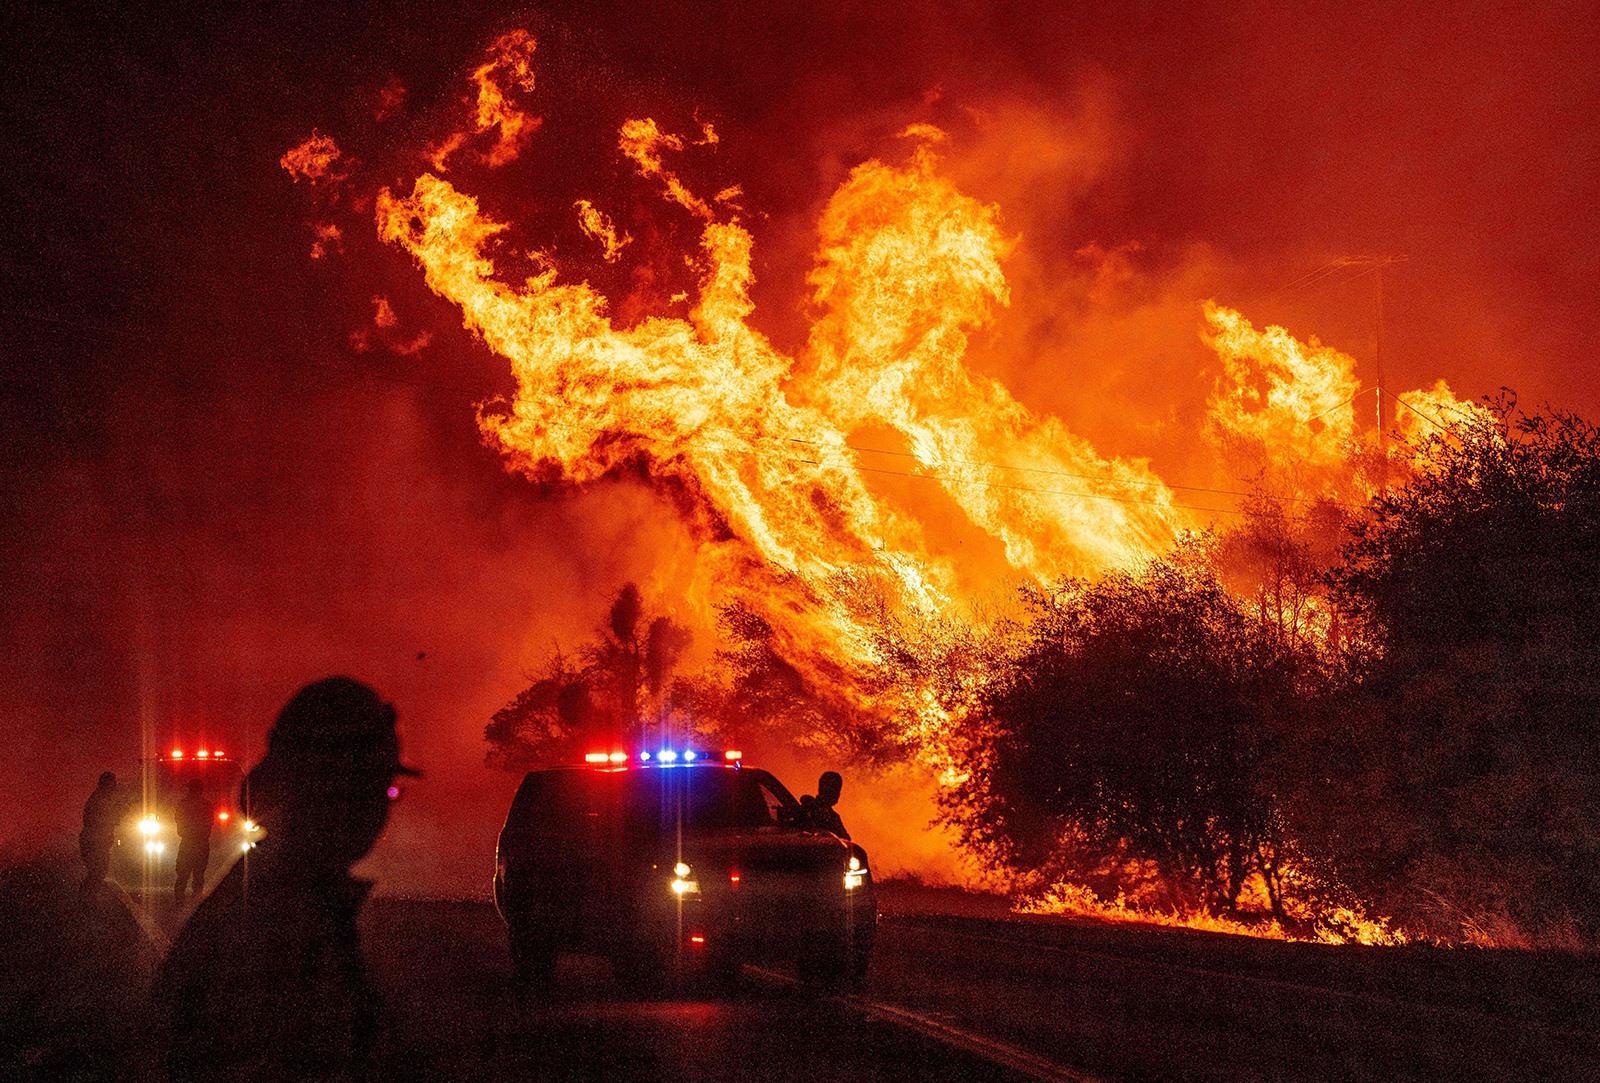 Các đám cháy rừng nghiêm trọng tại Mỹ và nhiều nước châu Âu được xem là thực tế nghiệt ngã của biến đổi khí hậu. Ảnh: Gettyimage